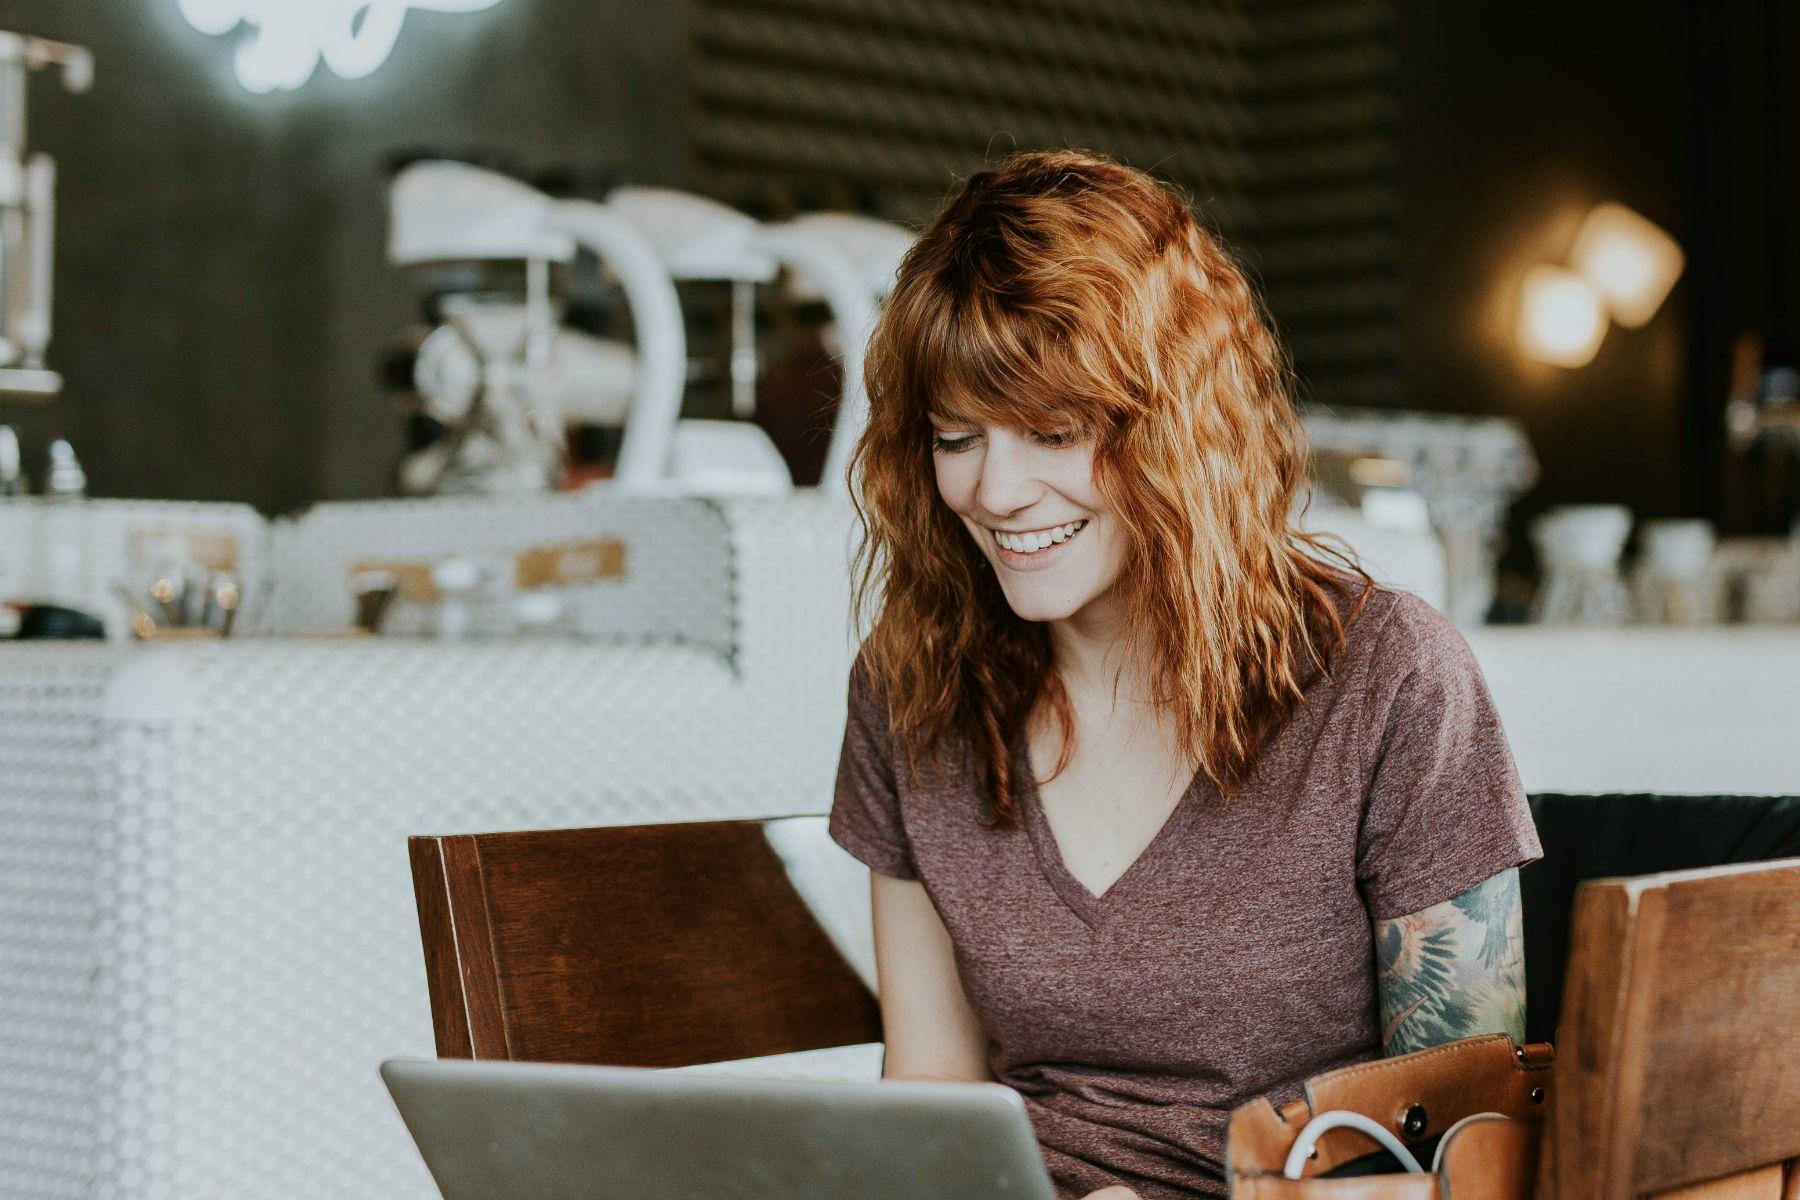 Das Foto zeigt eine junge Frau beim Arbeiten.